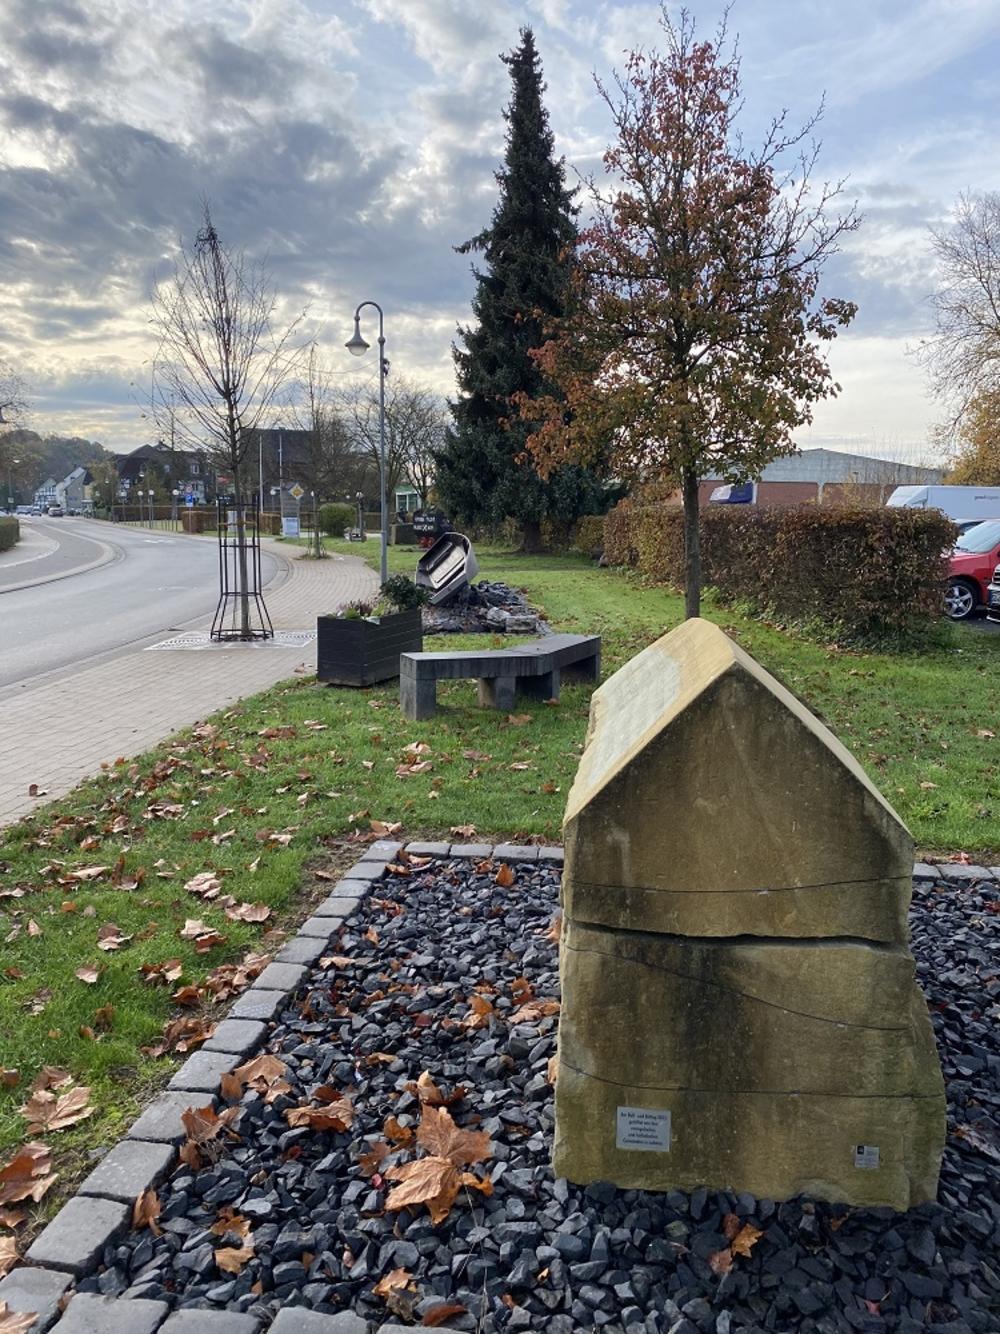 Erinnerungsstein an der Wahlscheider Straße wurde am 18.11.2015 auf Initiative des ehemaligen evangelischen Pfarrers und Superindententen Reinhard Bartha  eingeweiht. Eine Stiftung der evangelischen und katholischen Gemeinden in Lohmar